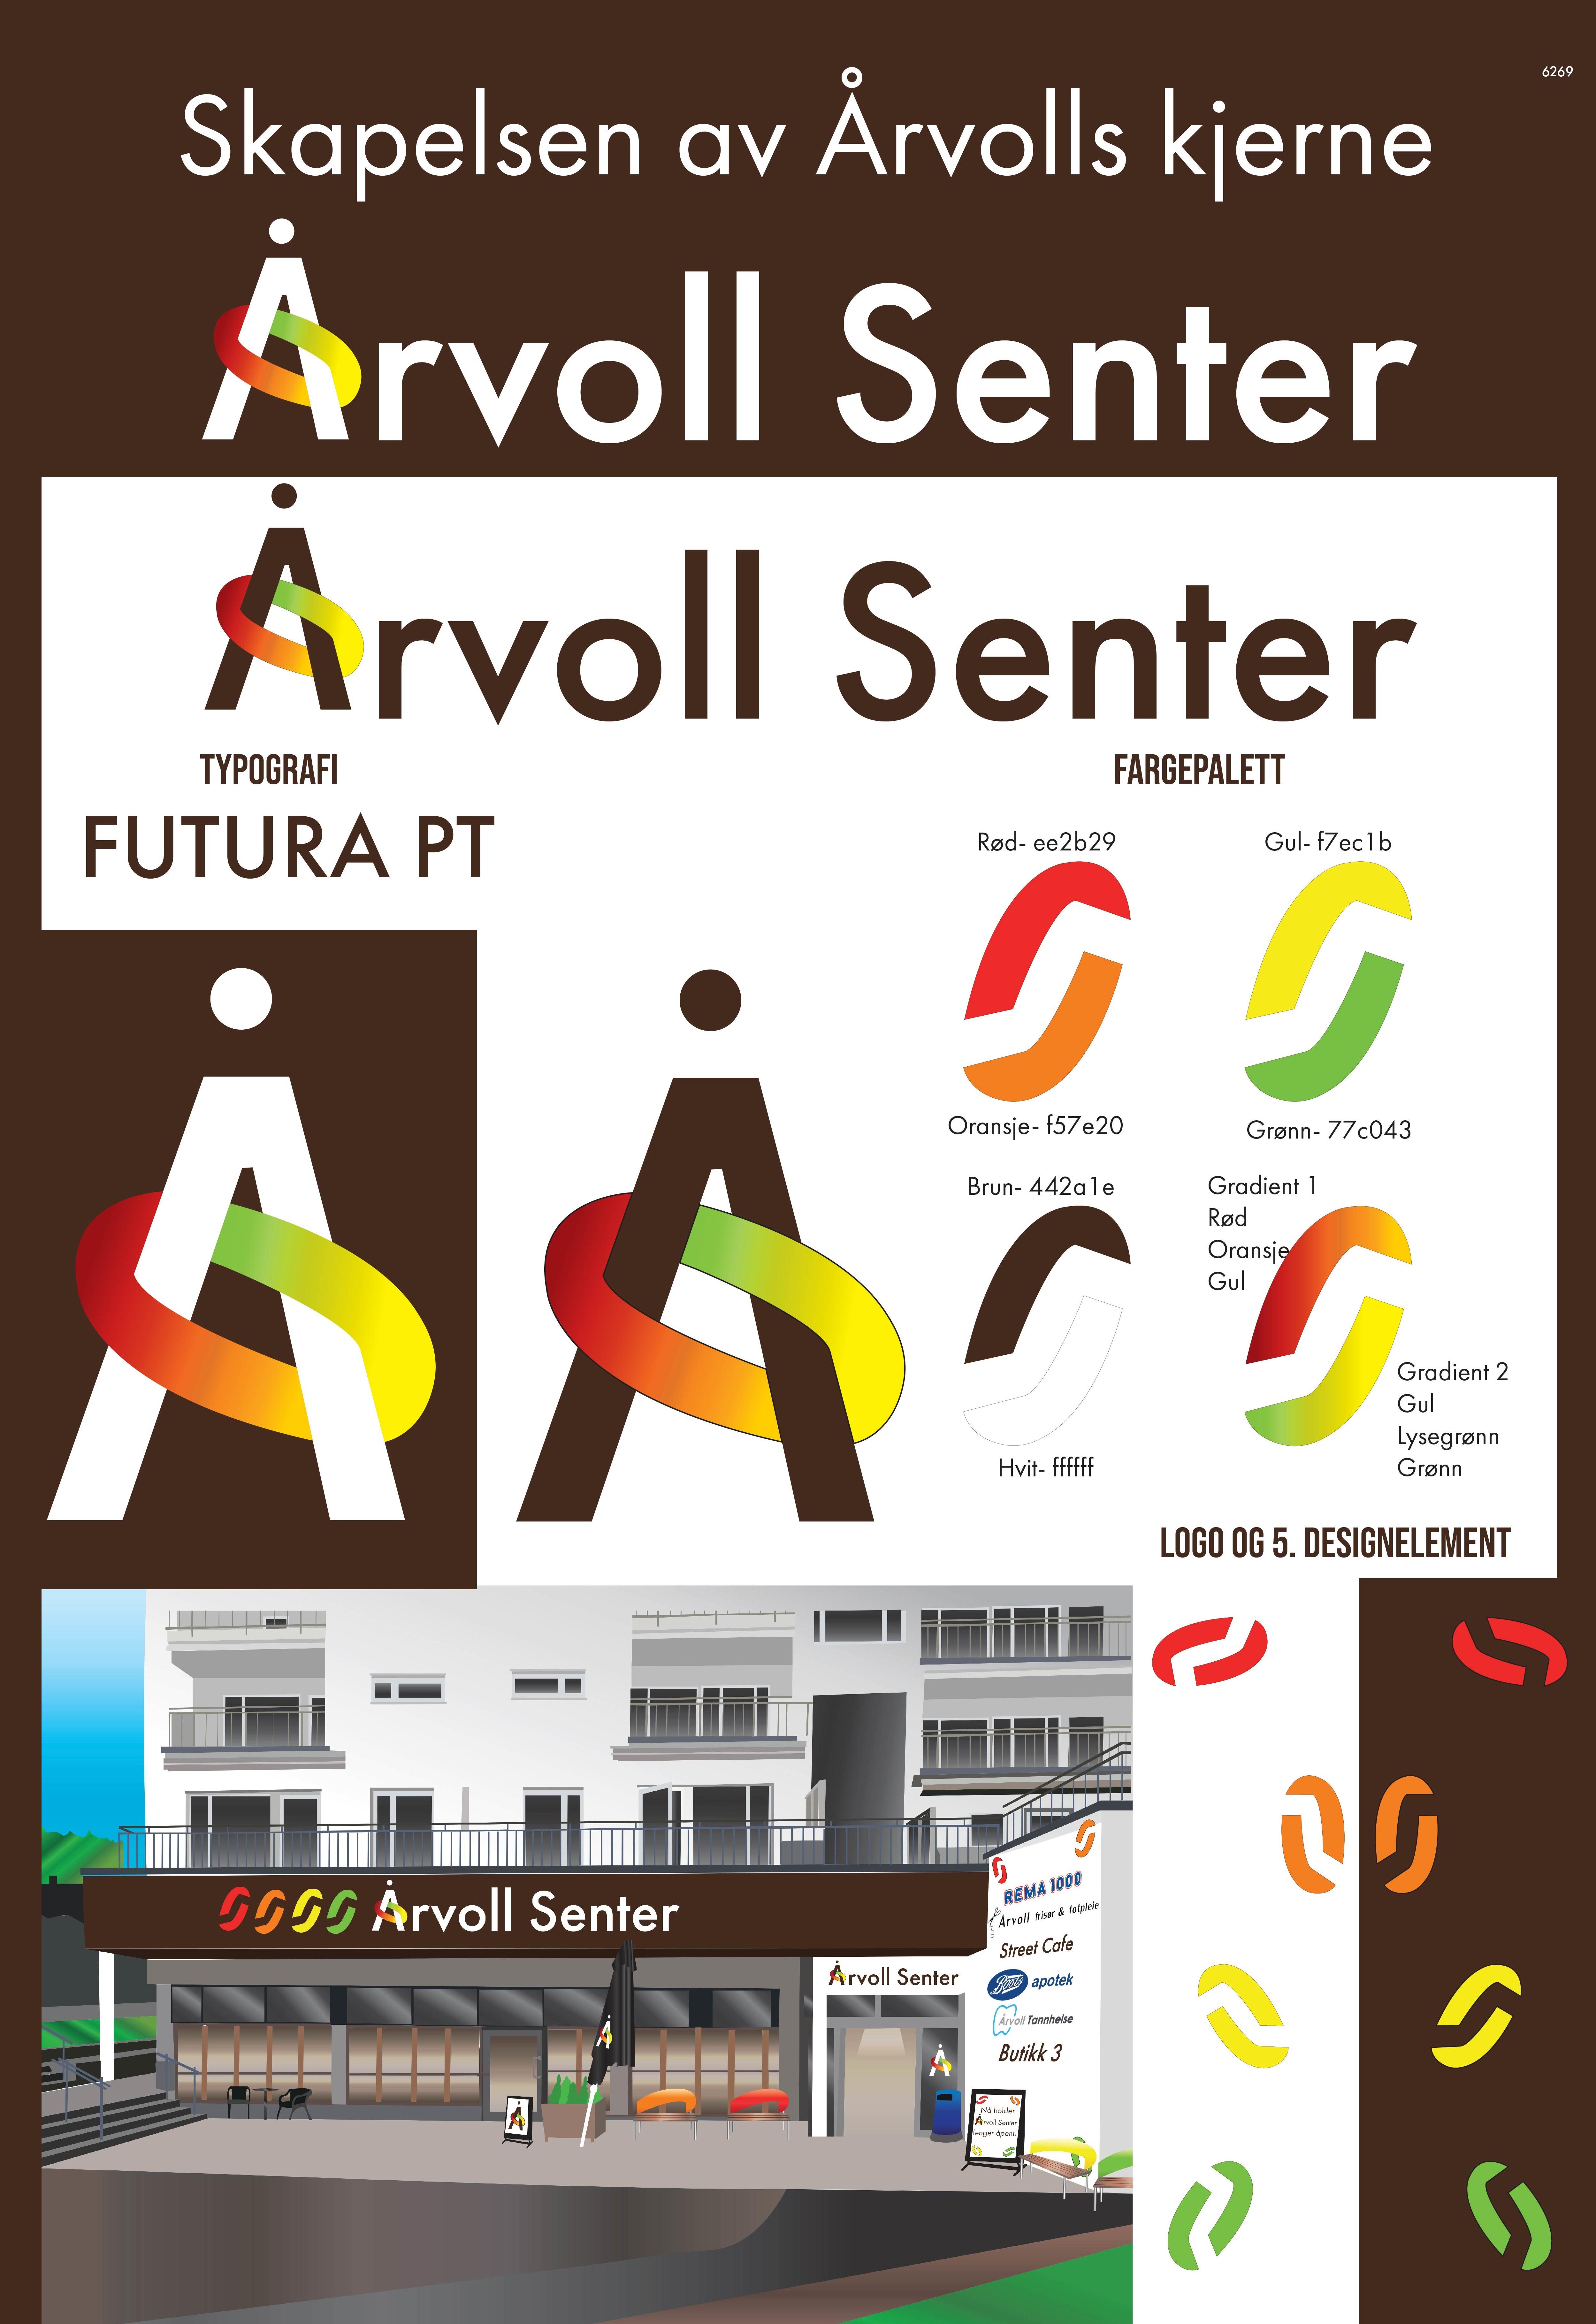 Westerdals Institutt for Kommunikasjon og Design - Skapelsen av Årvolls kjerne: Årvoll Senter